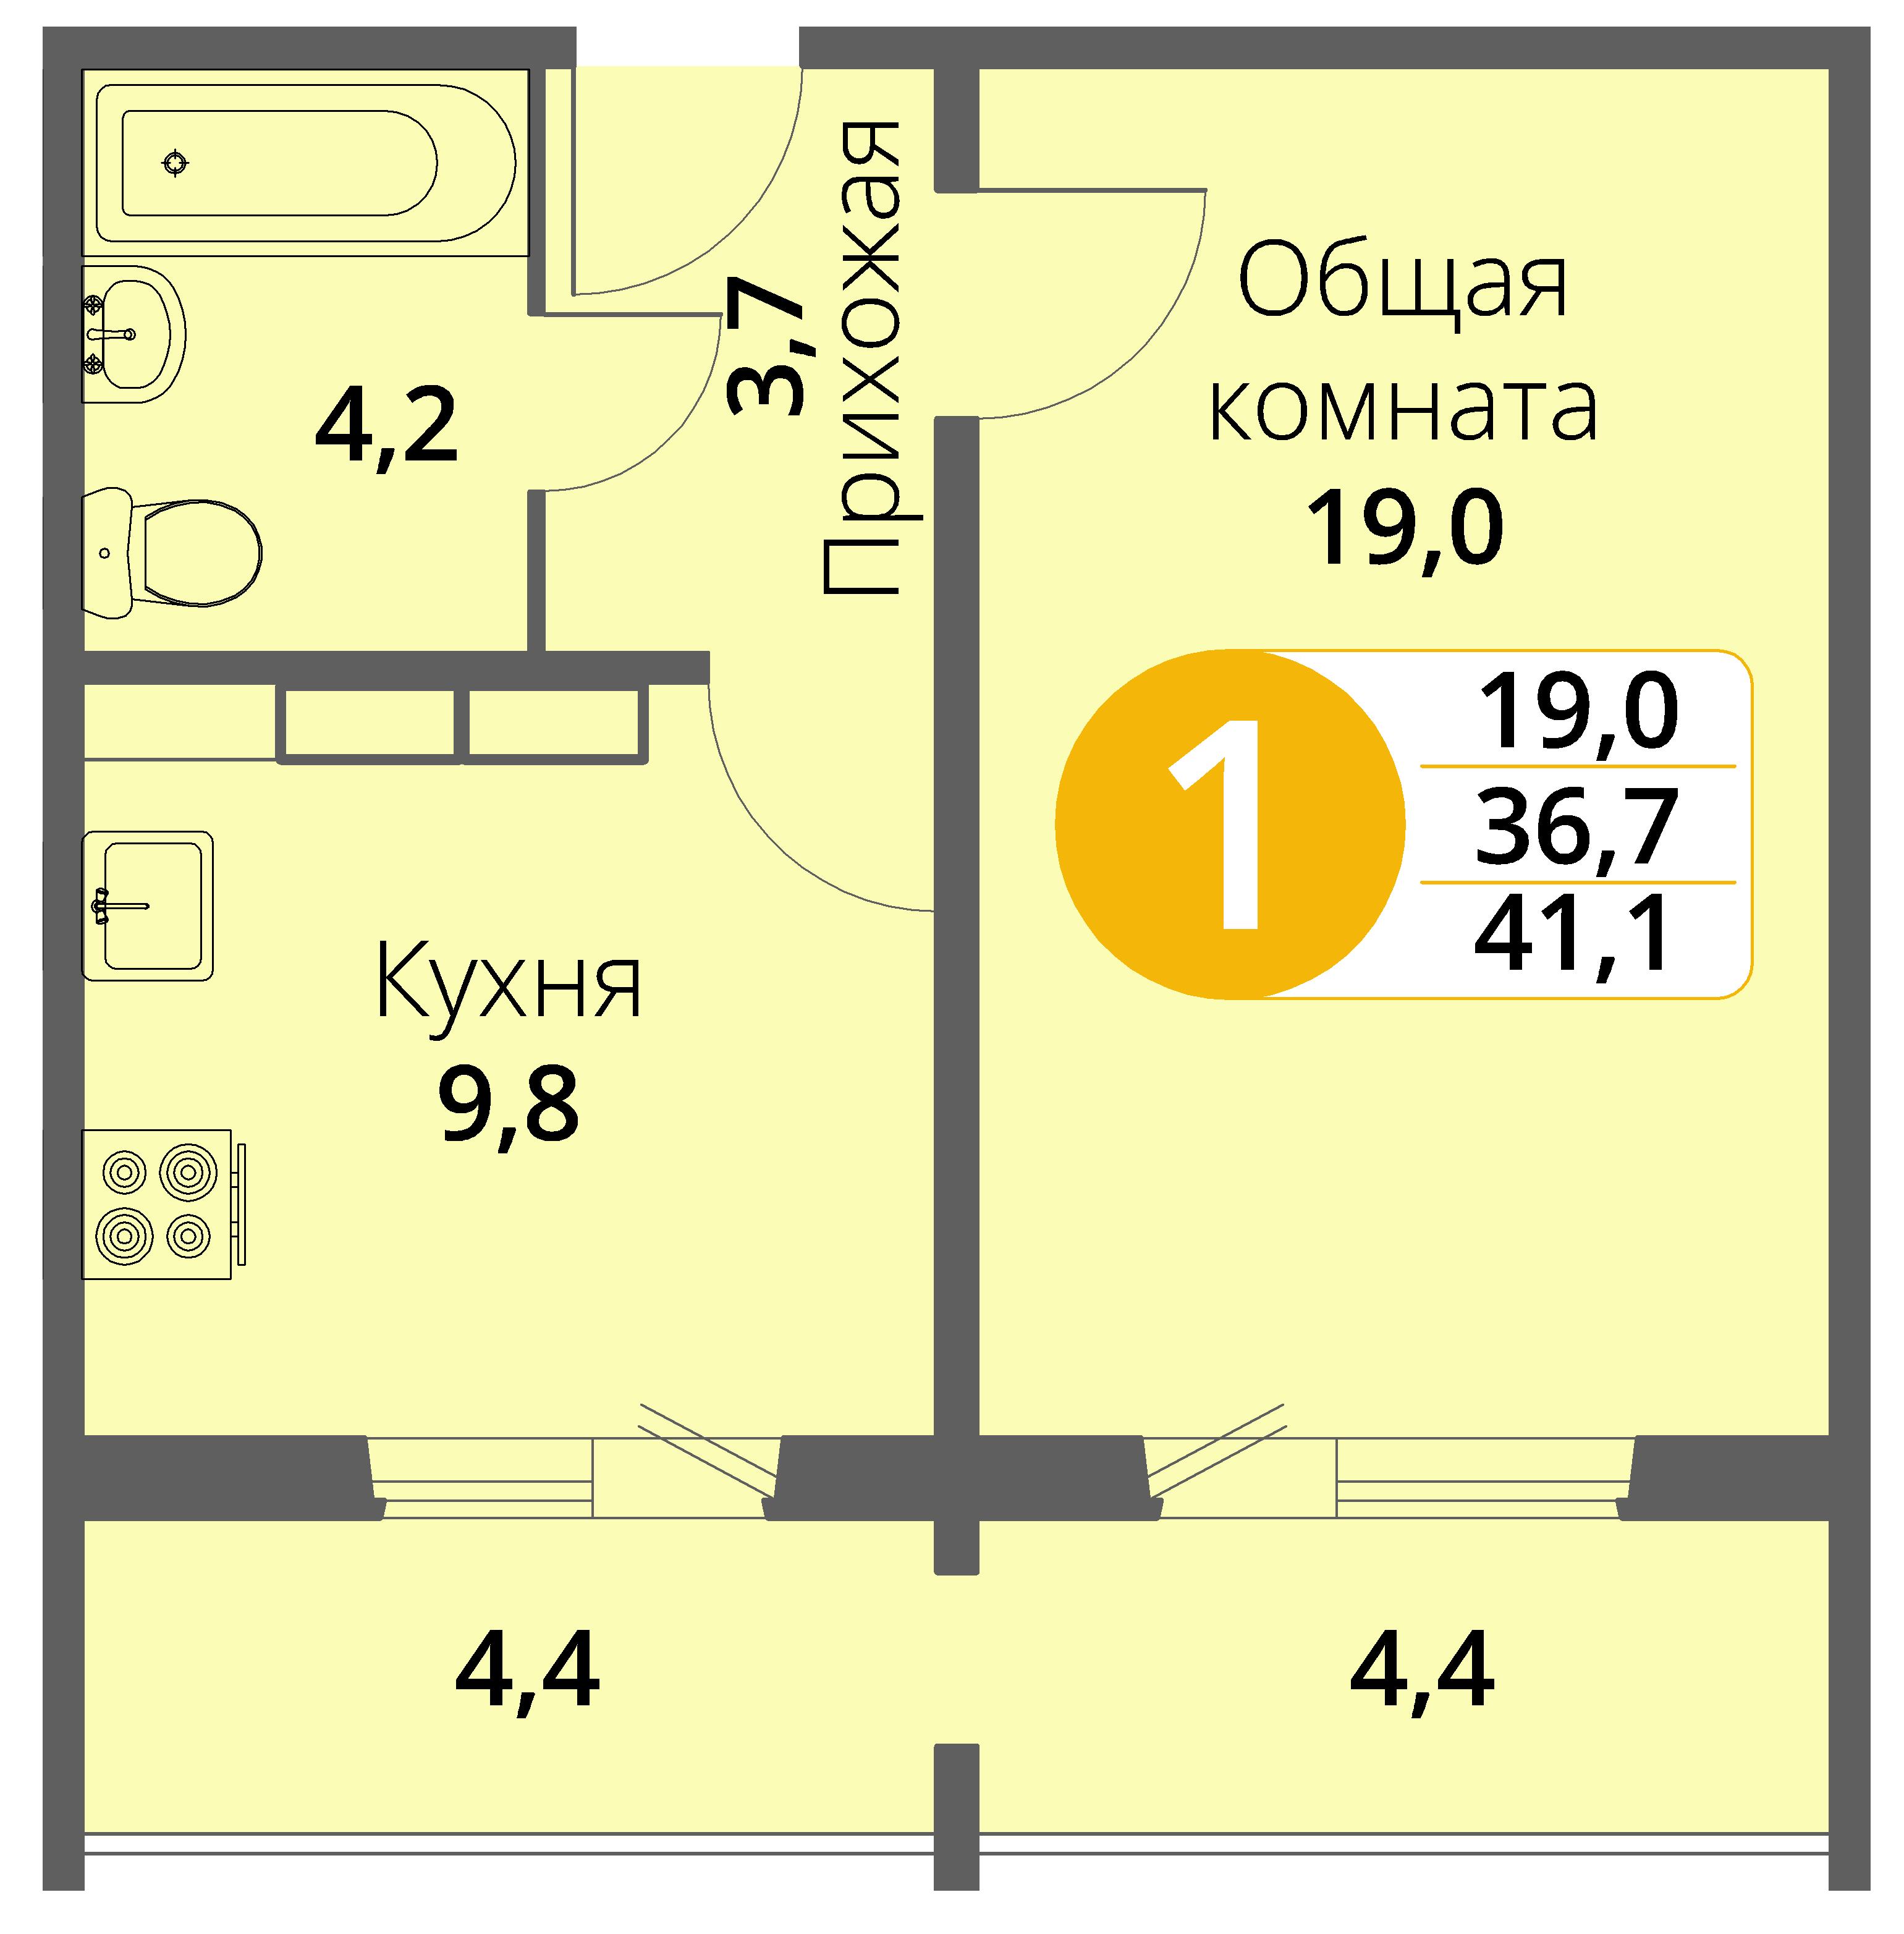 Зареченская 1-2, квартира 83 - Однокомнатная